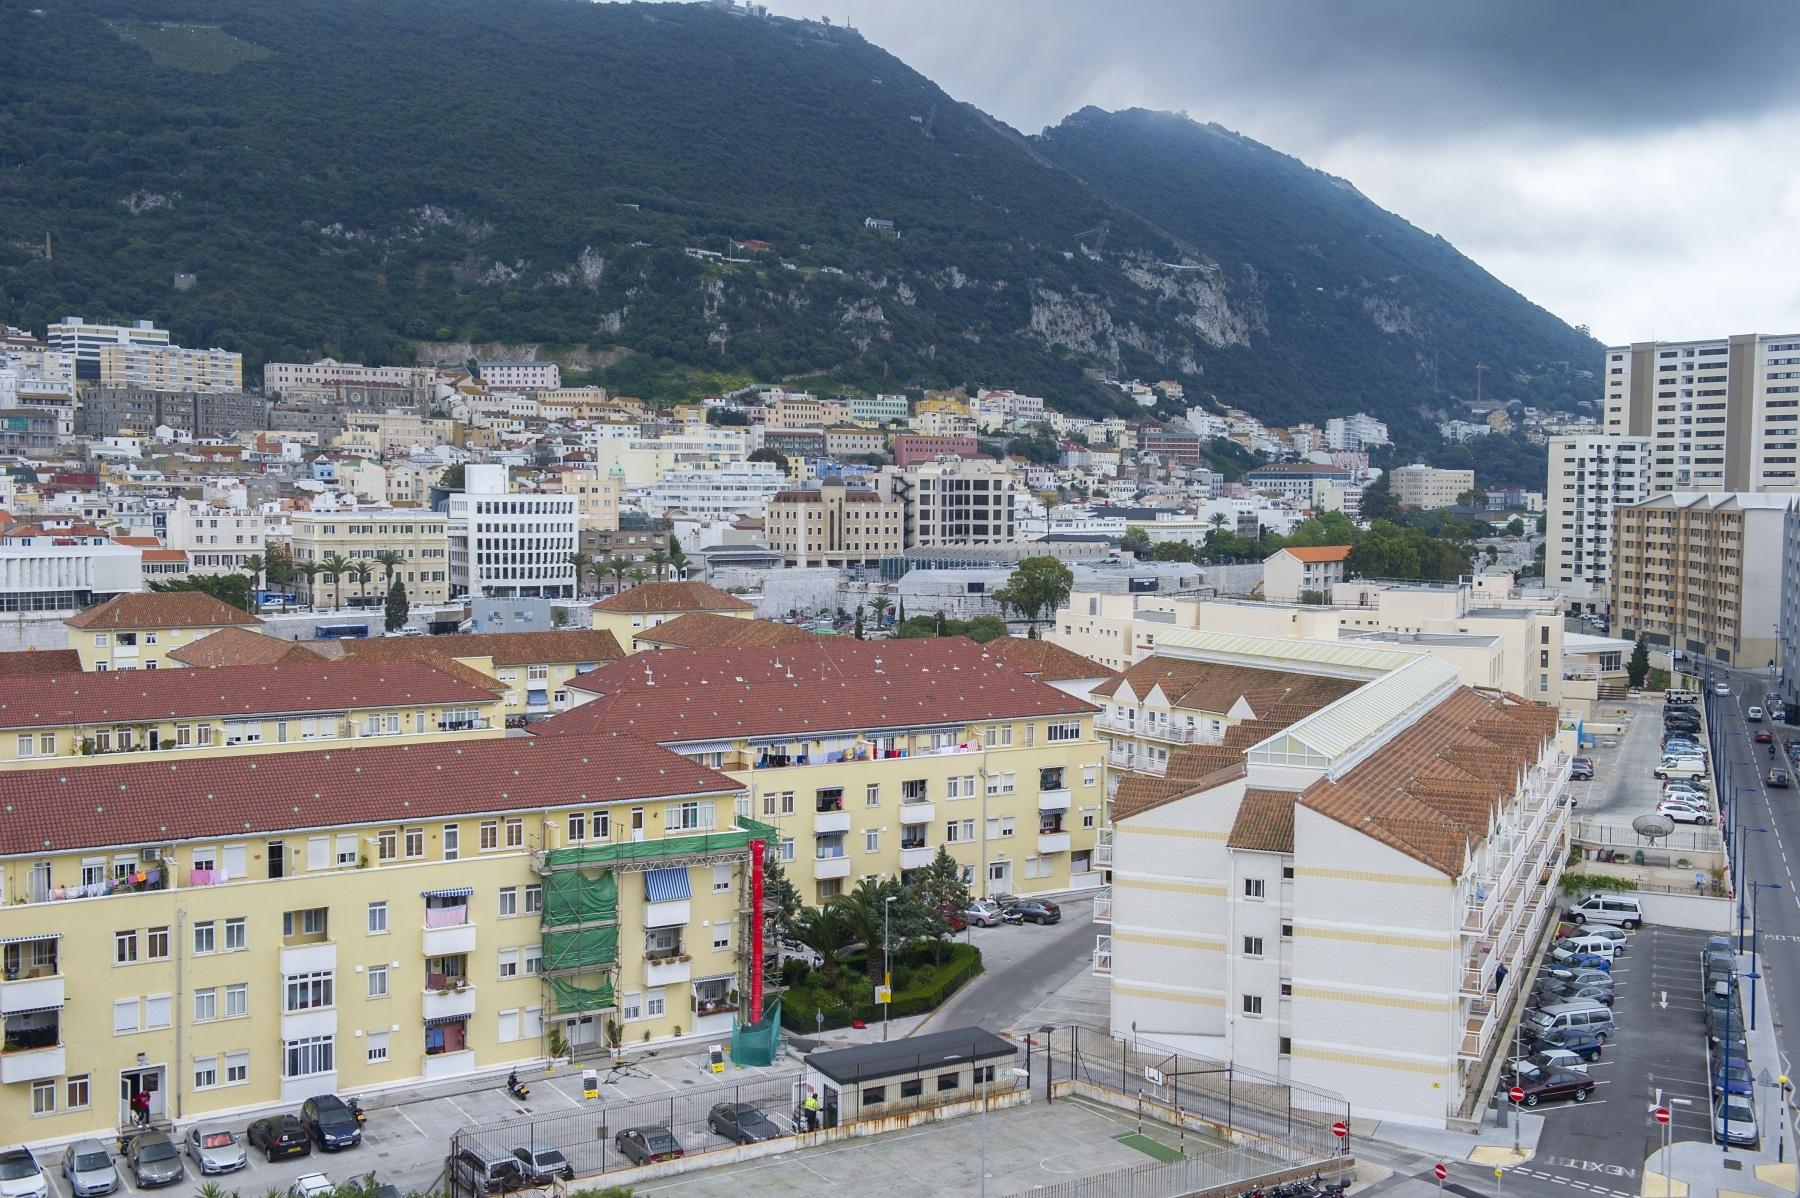 paisajes-urbanos-gibraltar-02_9225042222_o